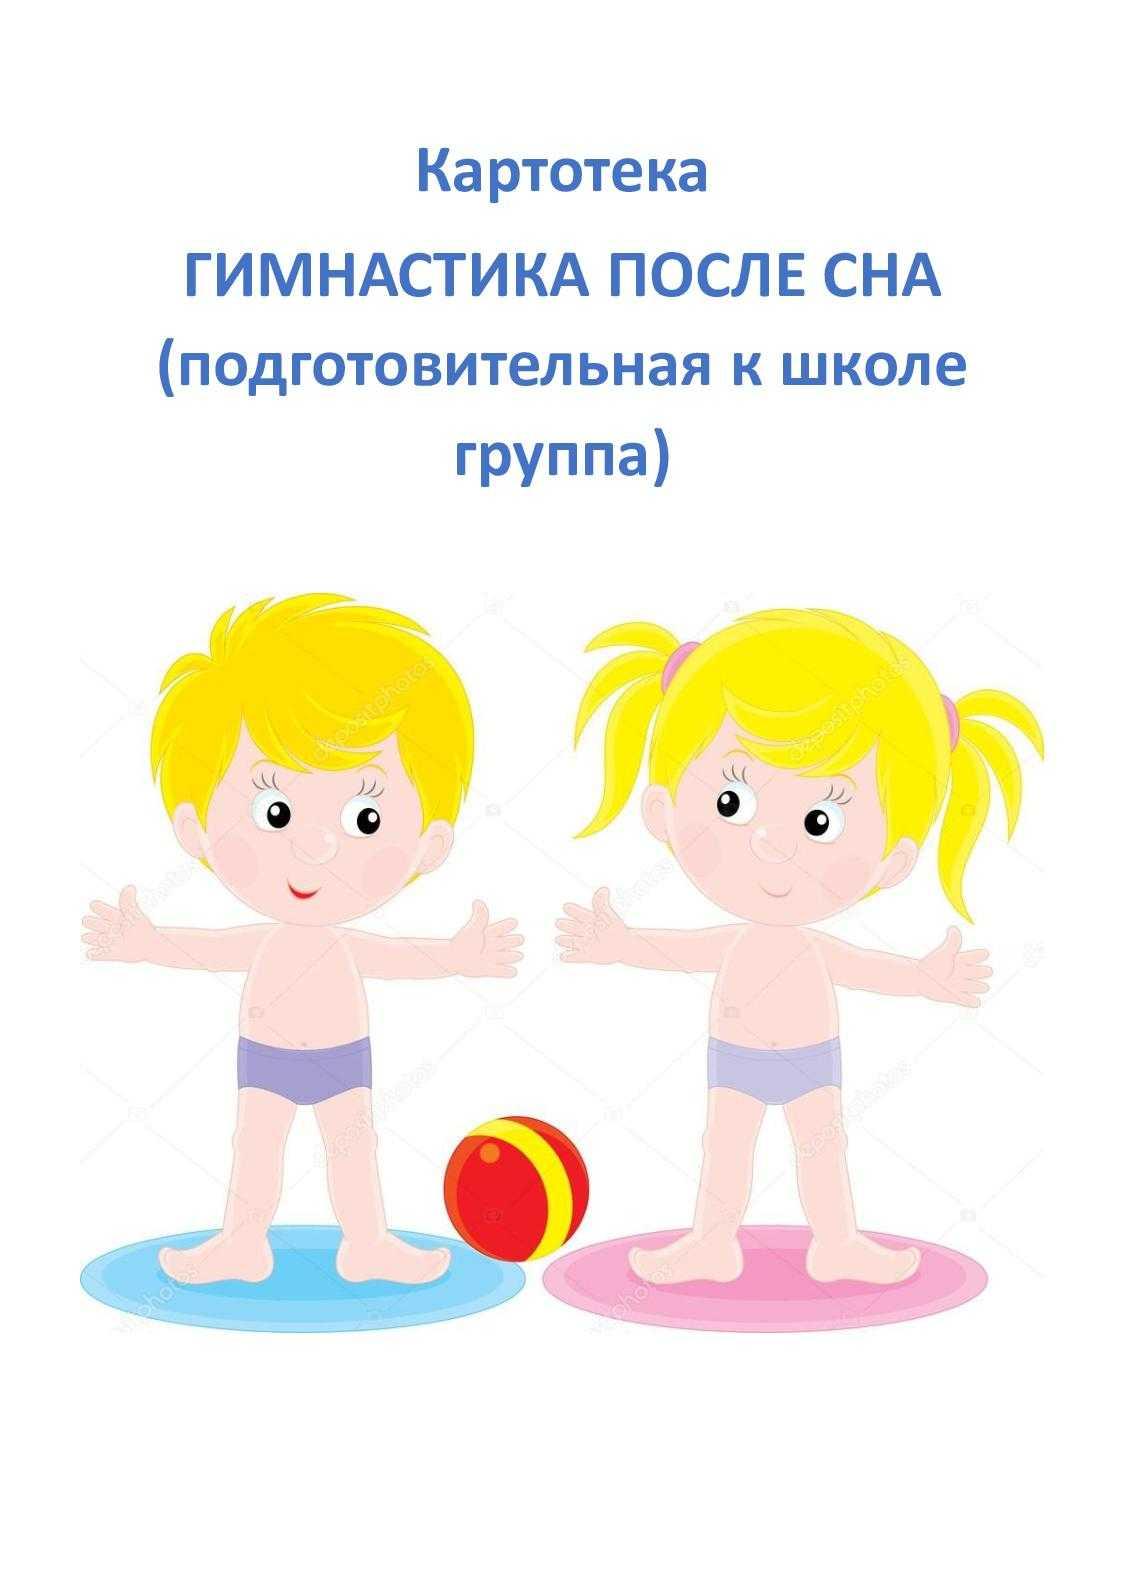 Утренняя зарядка: гимнастика по утрам - комплекс упражнений по утрам для детей раннего и старшего возраста